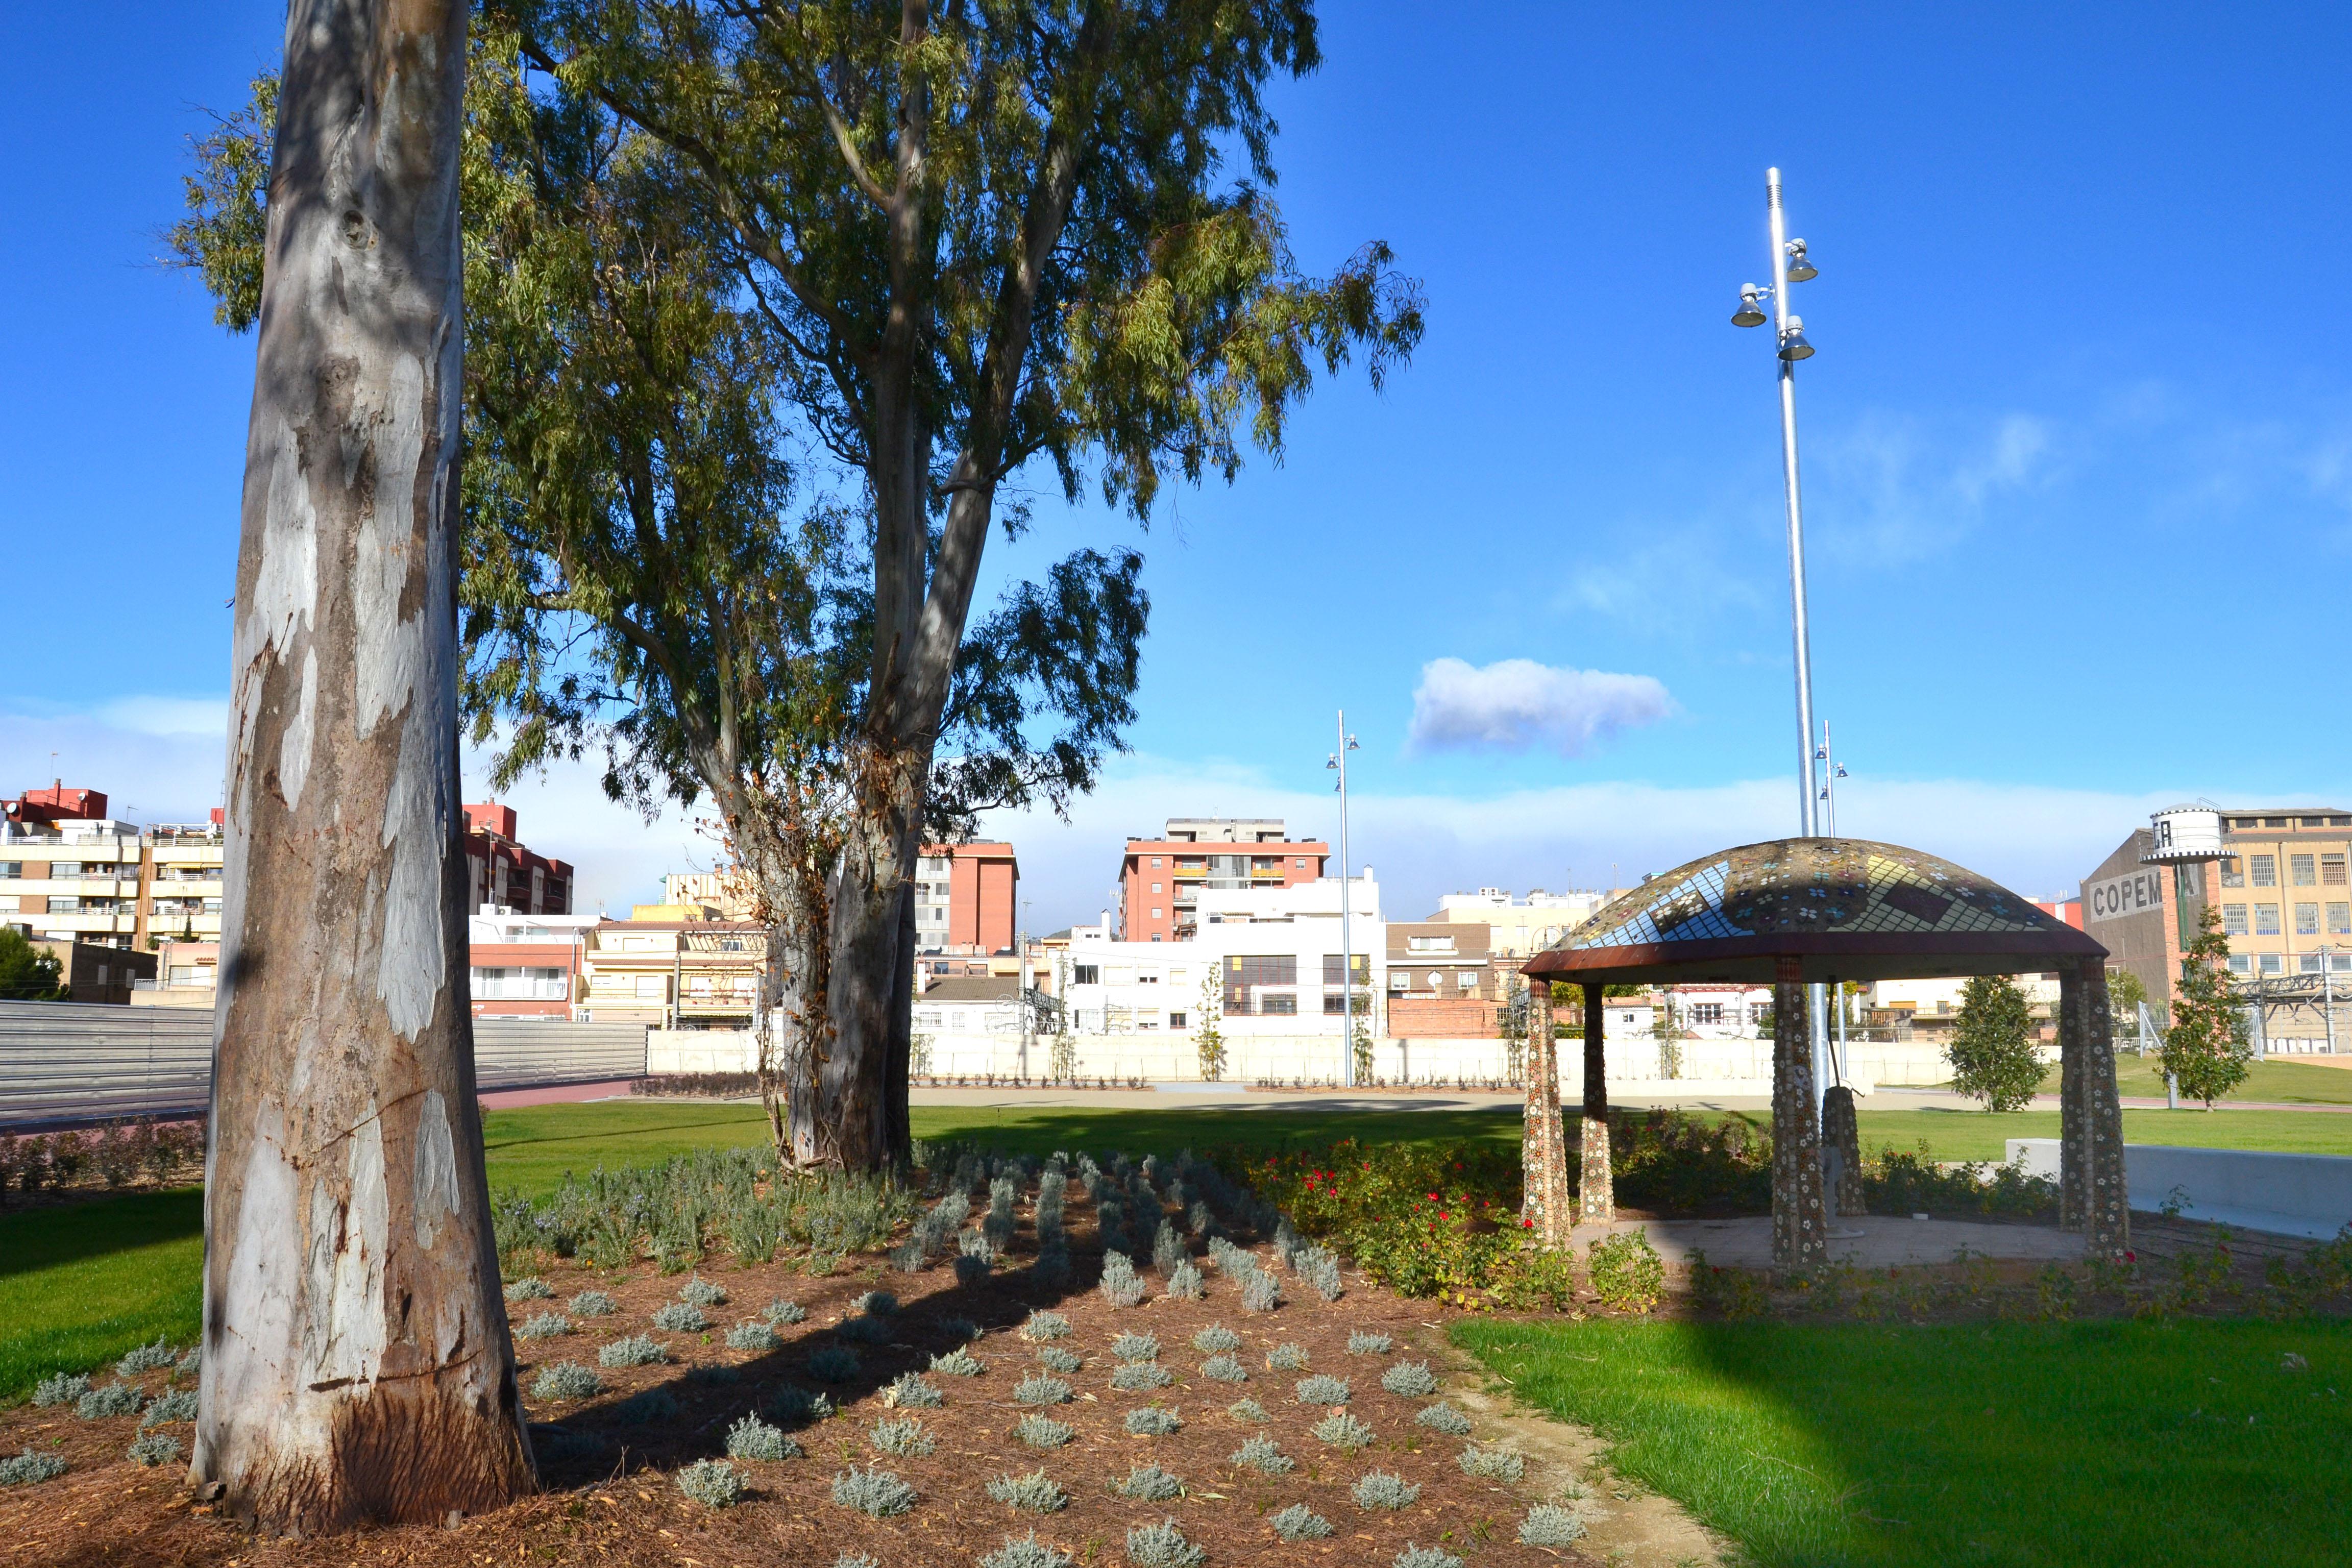 L'Ajuntament de Reus començarà a obrir els parcs públics a la ciutadania a partir del dilluns 11 de maig, coincidint amb l'evolució...